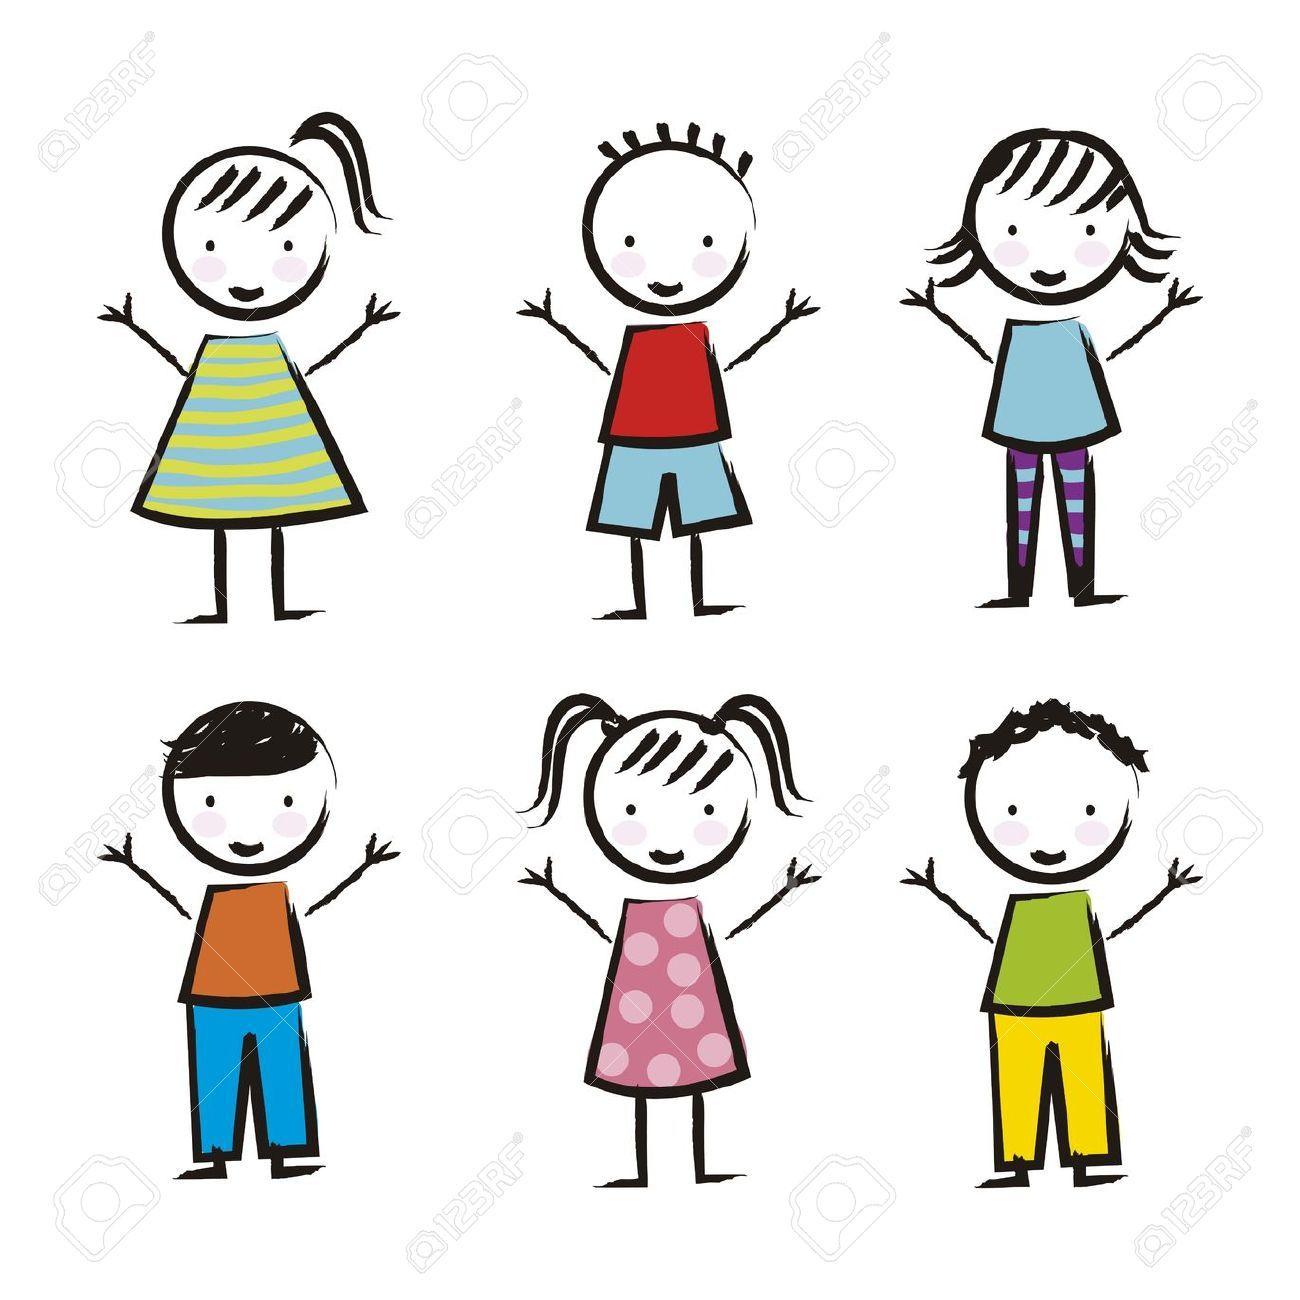 Niños Sobre Fondo Blanco, Dibujo. Vector Ilustraciones ...